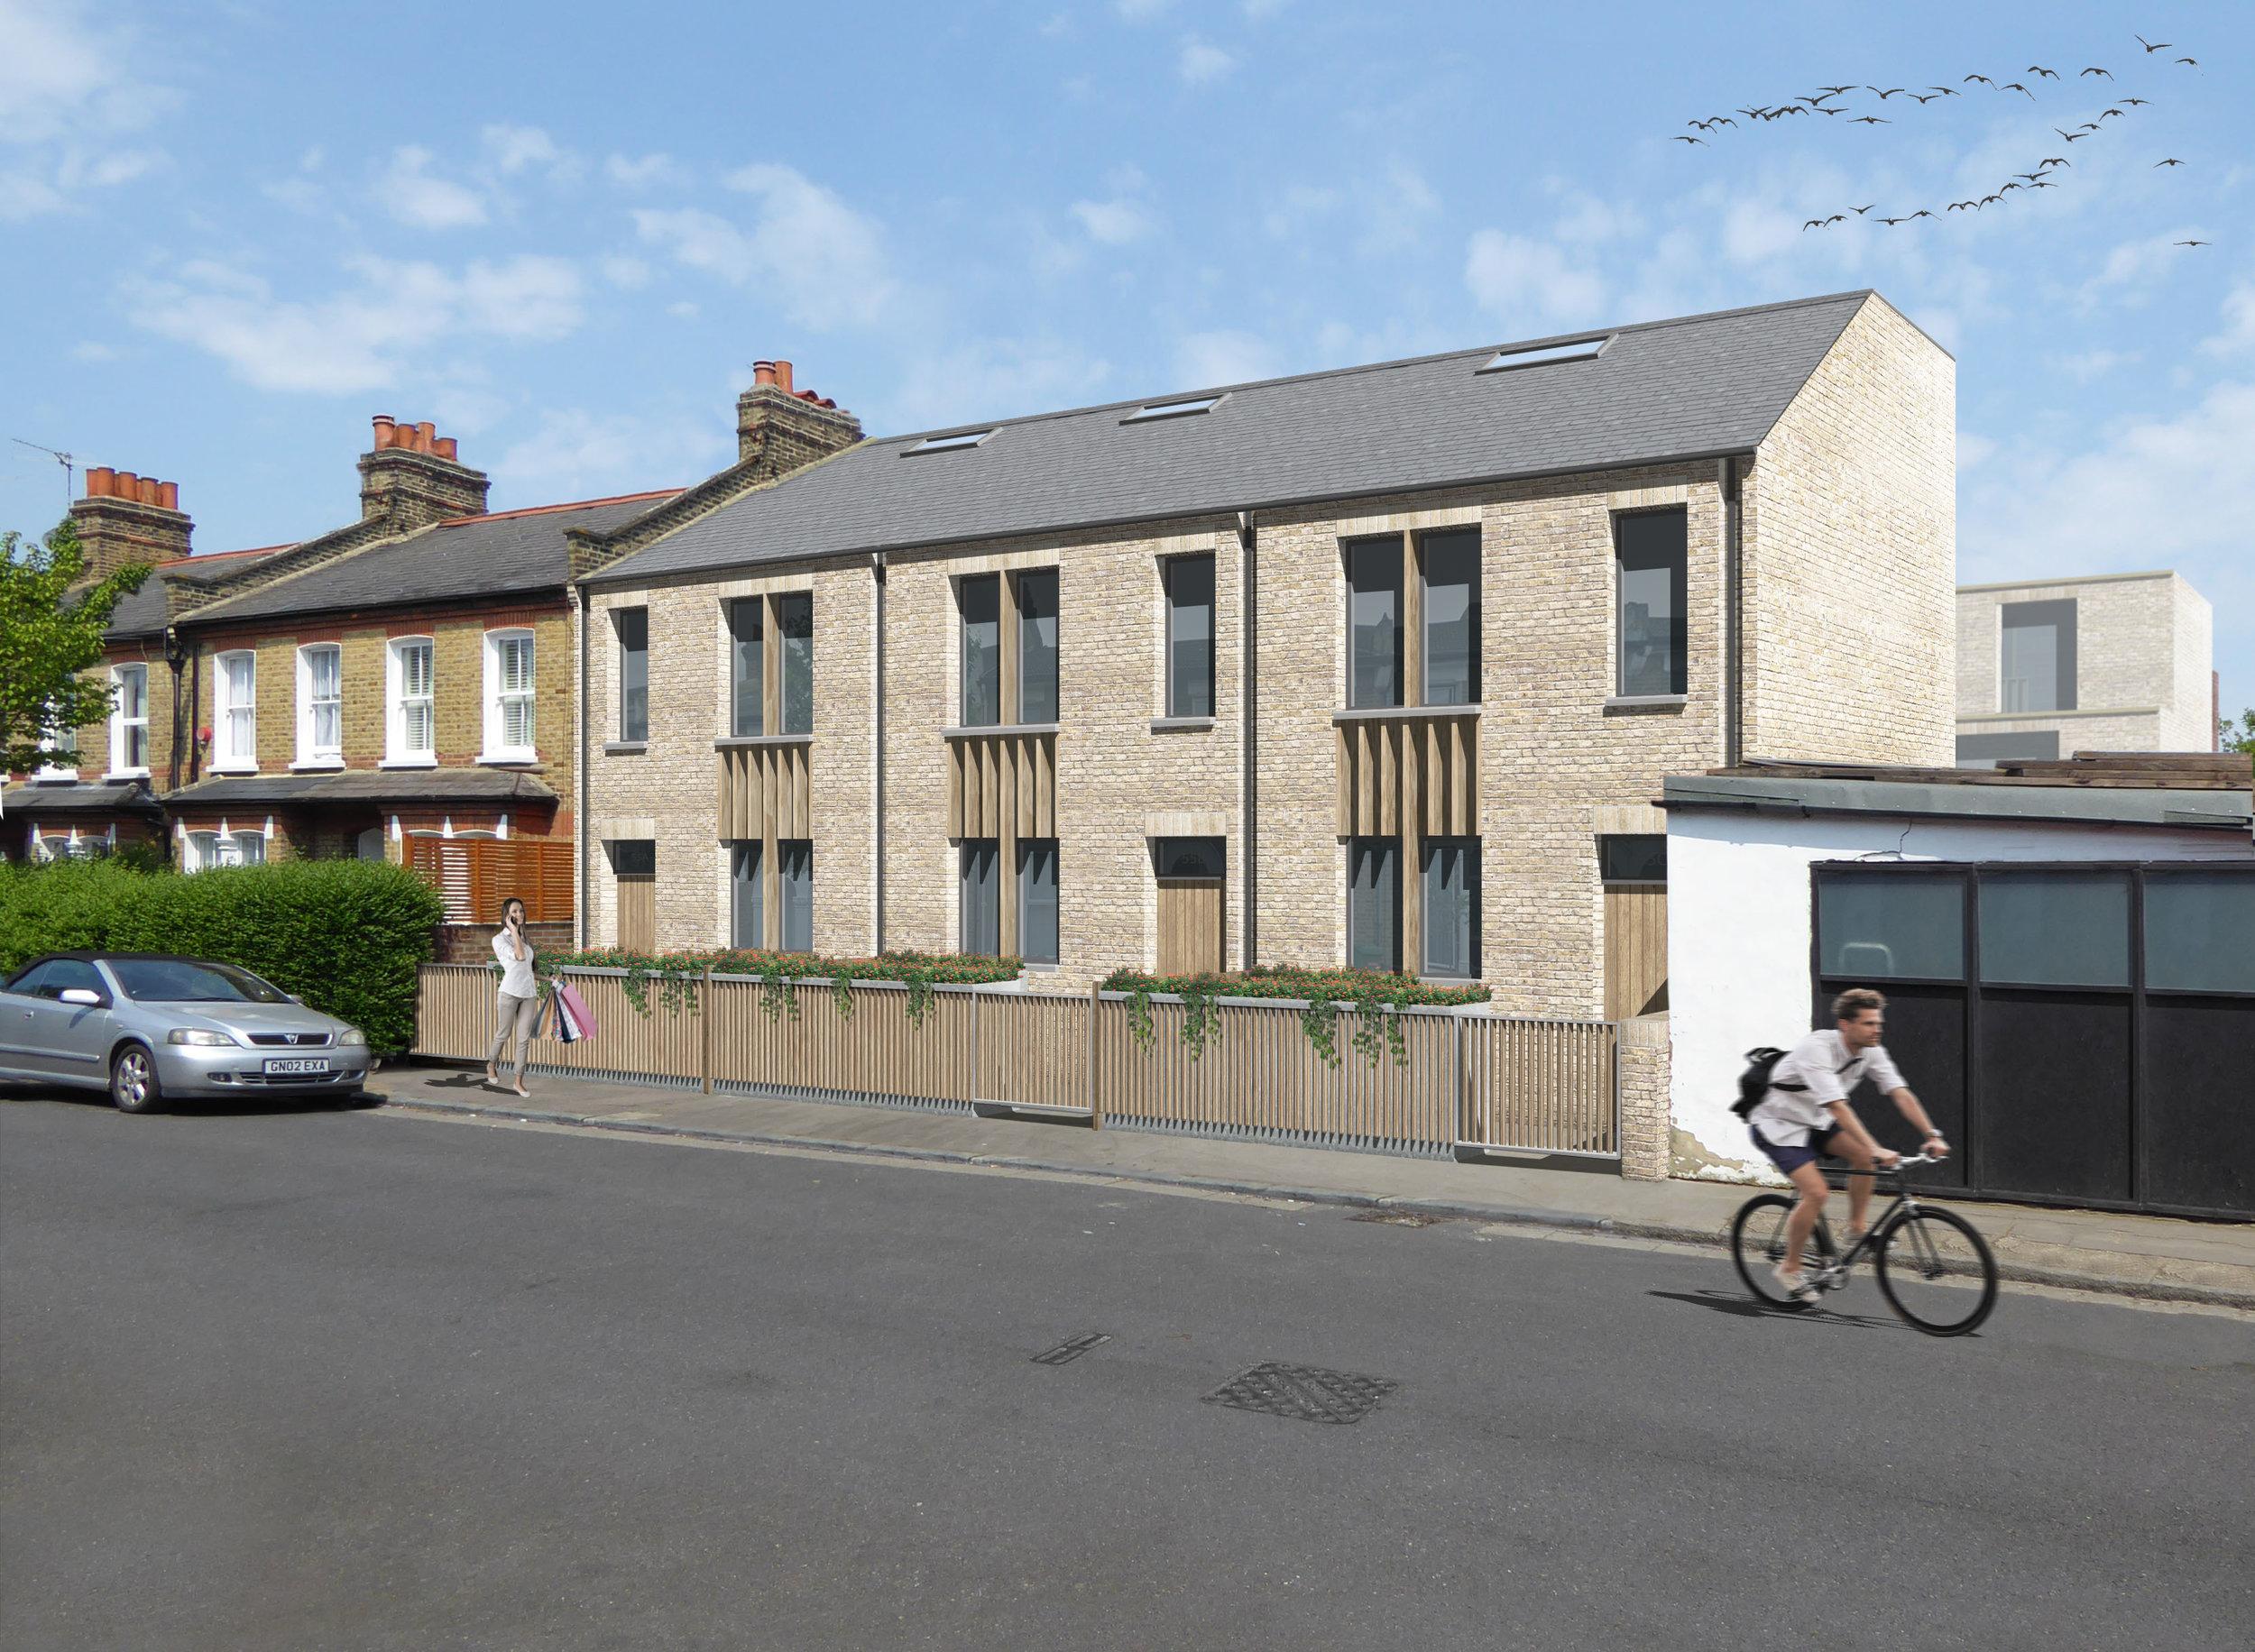 HOUSES FRONT.jpg